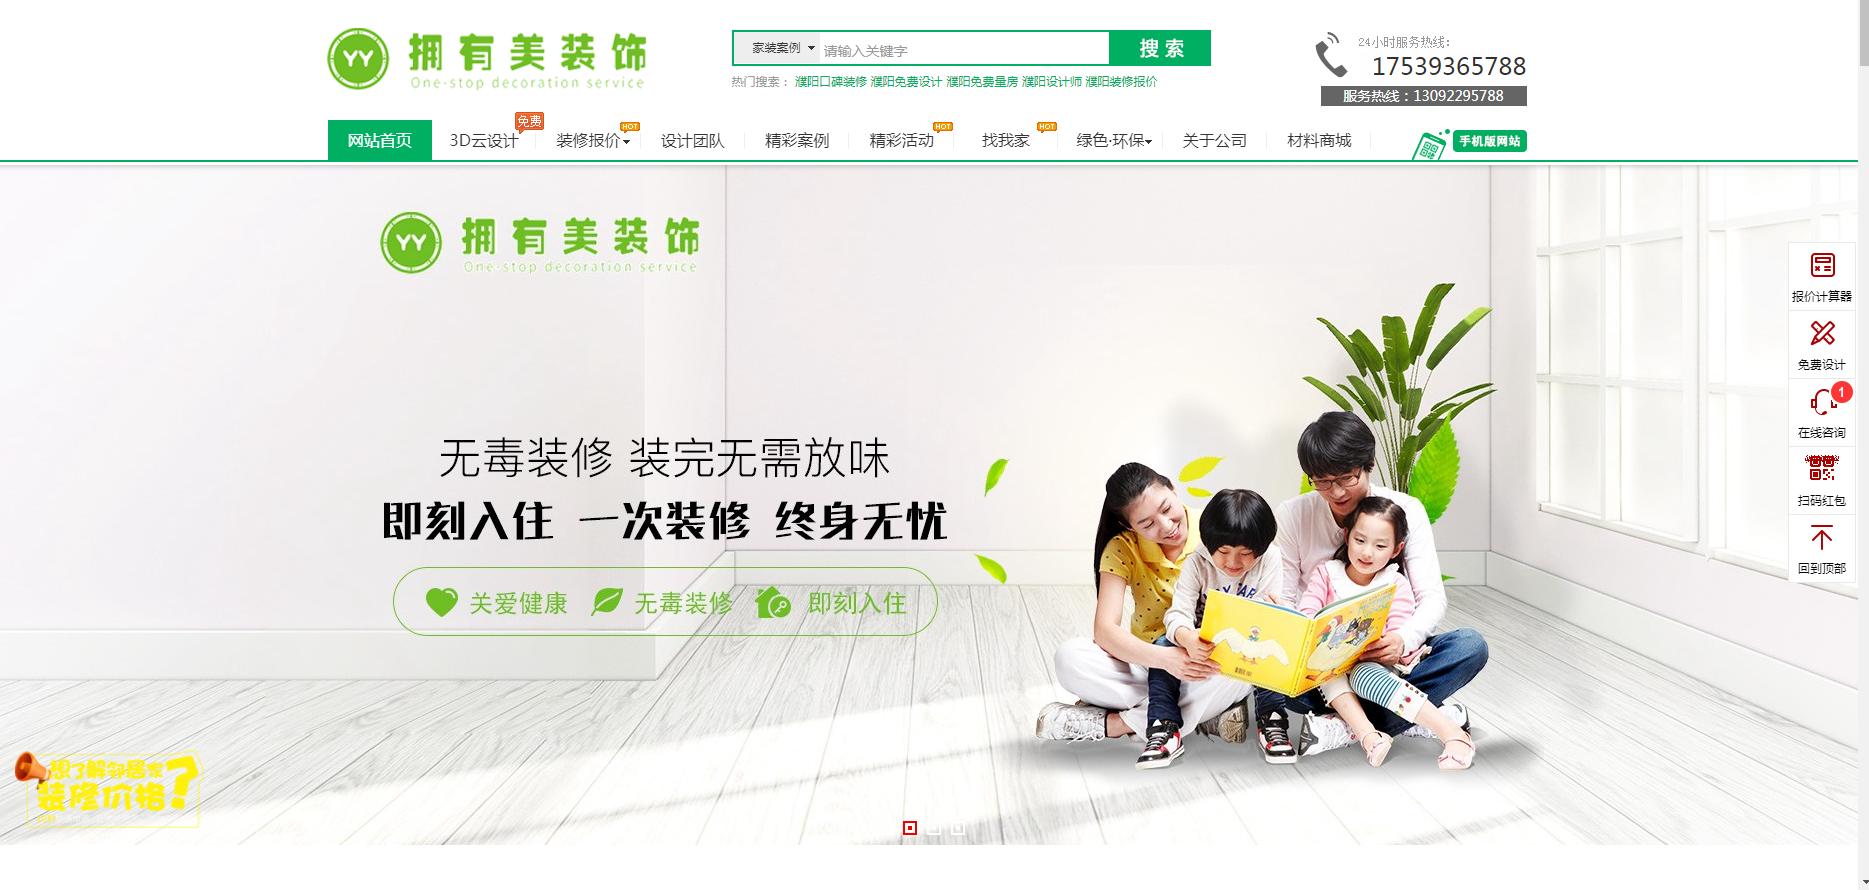 热烈祝贺濮阳拥有美装饰有限公司2019新版官网上线